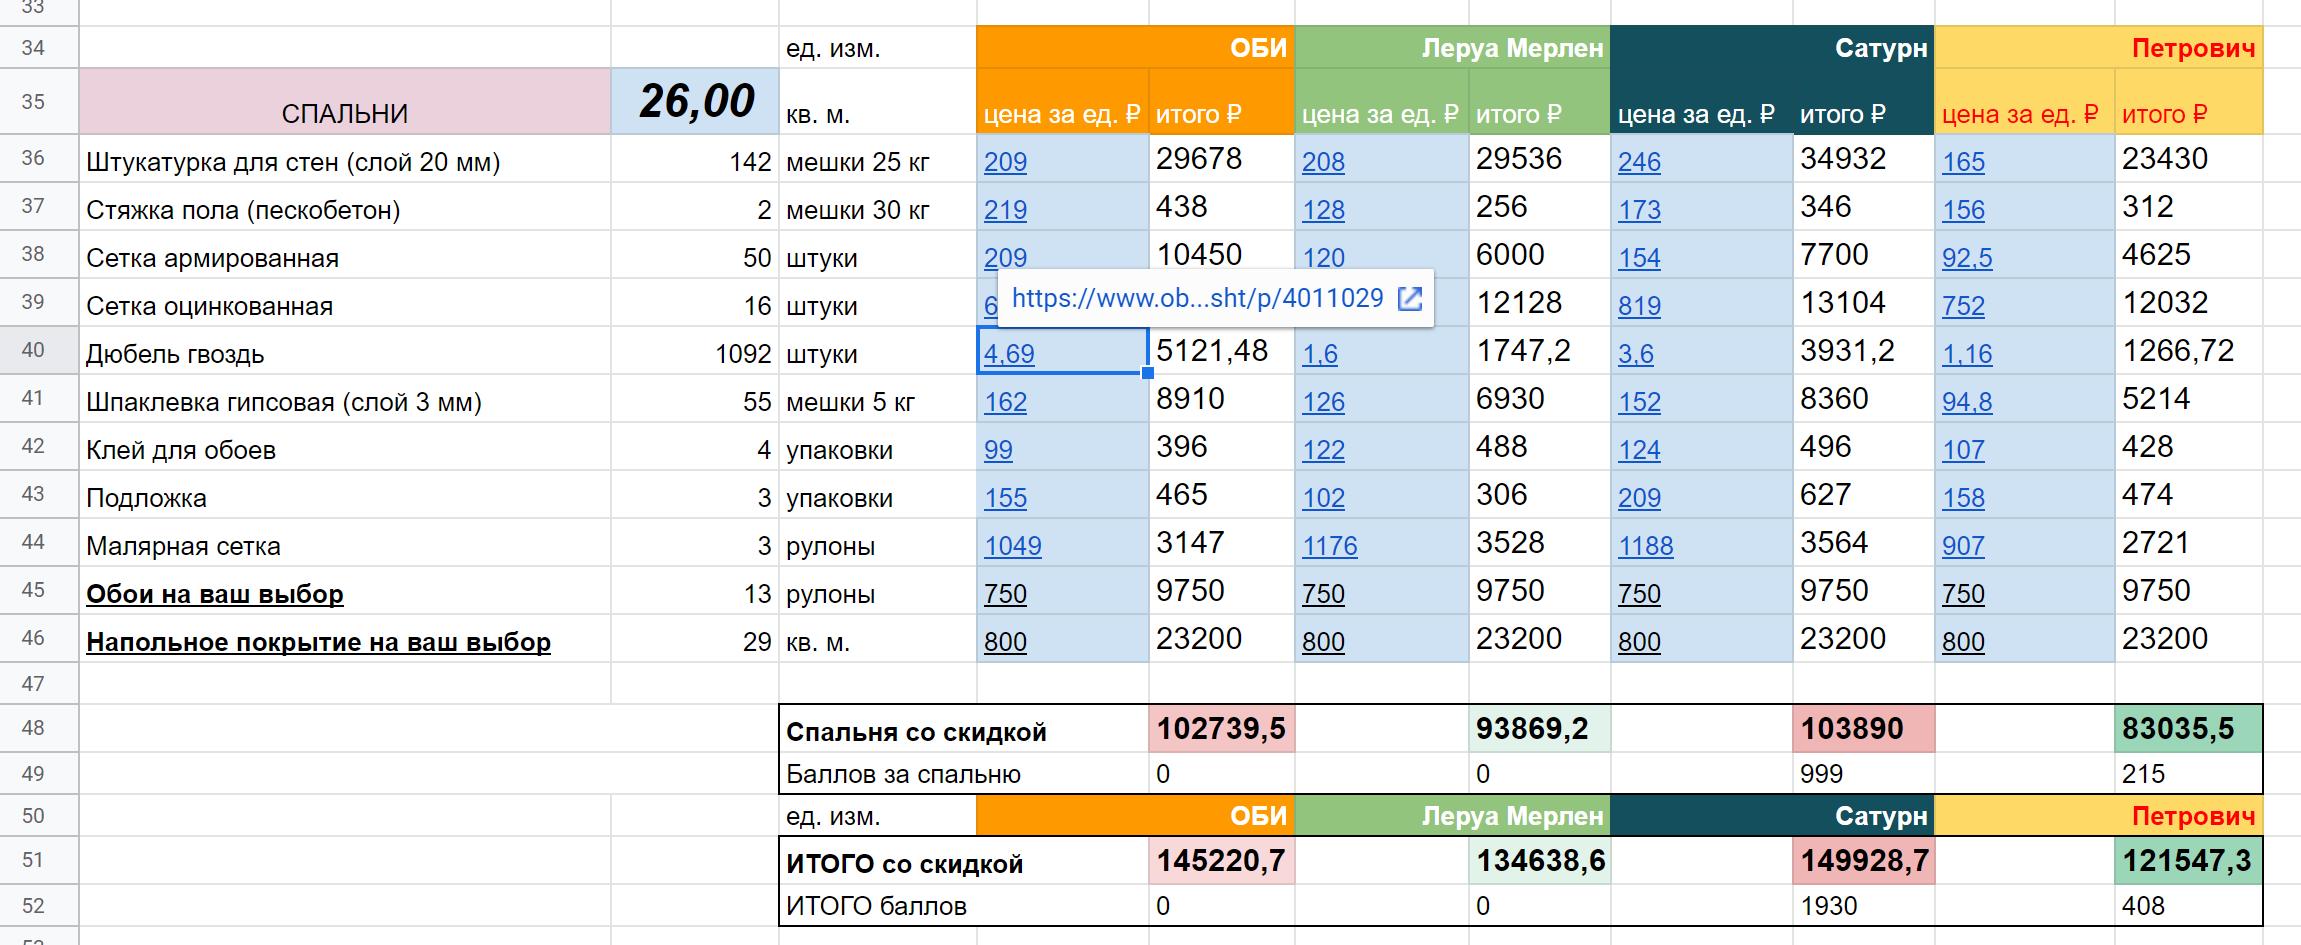 Кликните на подчеркнутые синие цены, чтобыперейти на сайт и посмотреть, какие именно материалы я использовала длярасчетов